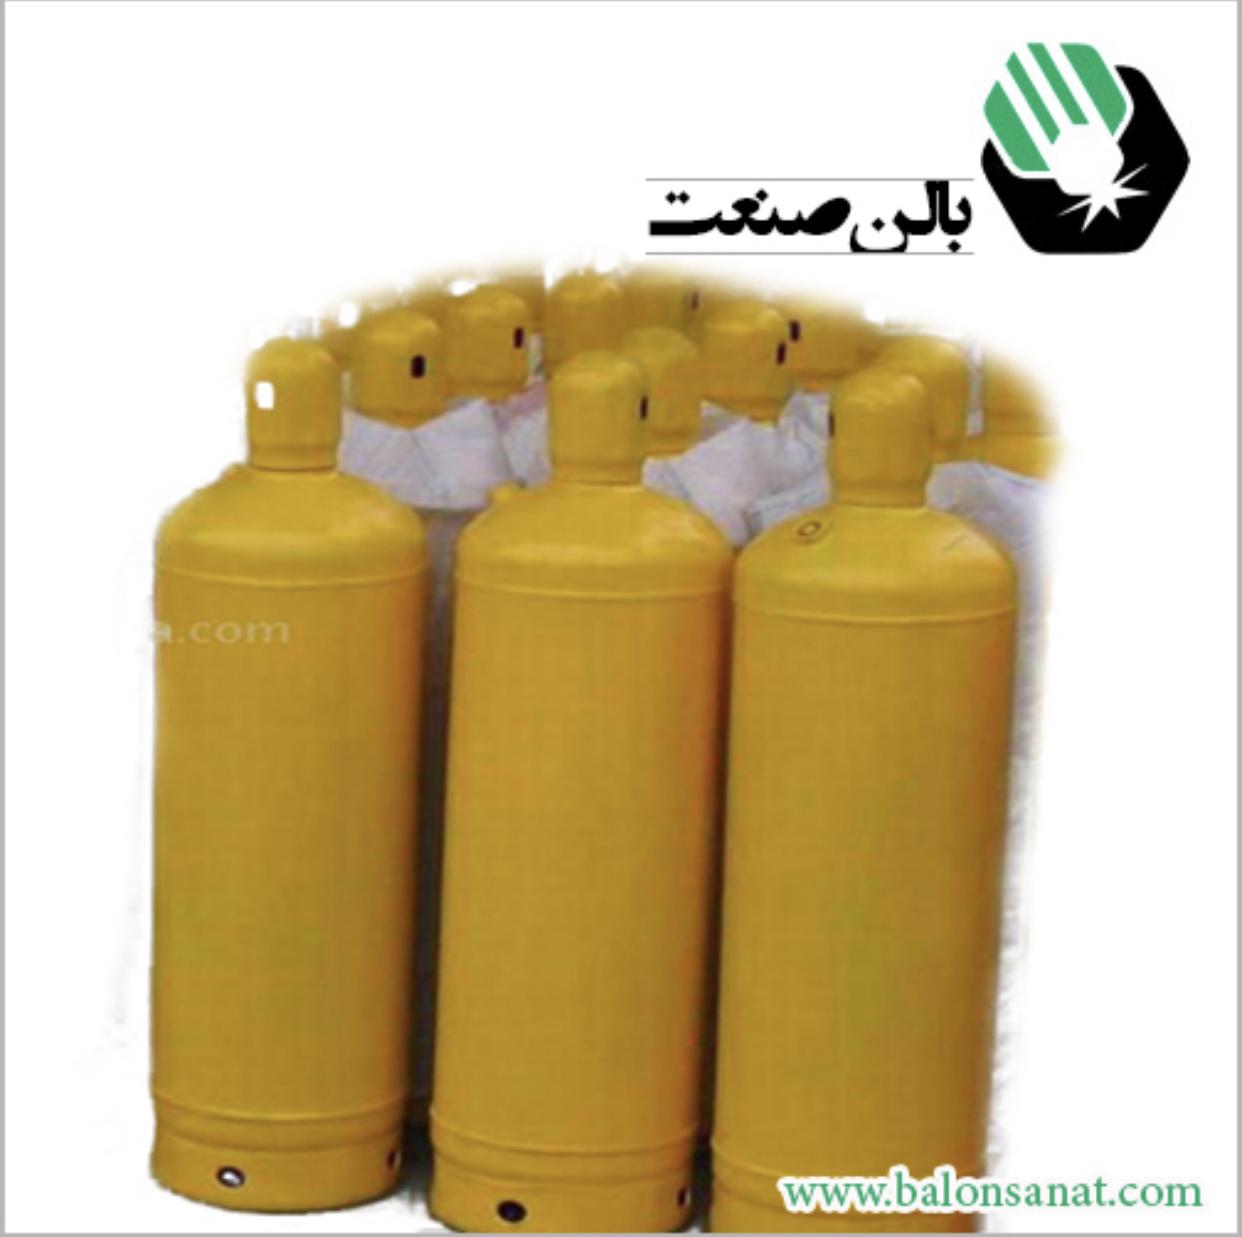 گاز استیلن چیست ؟